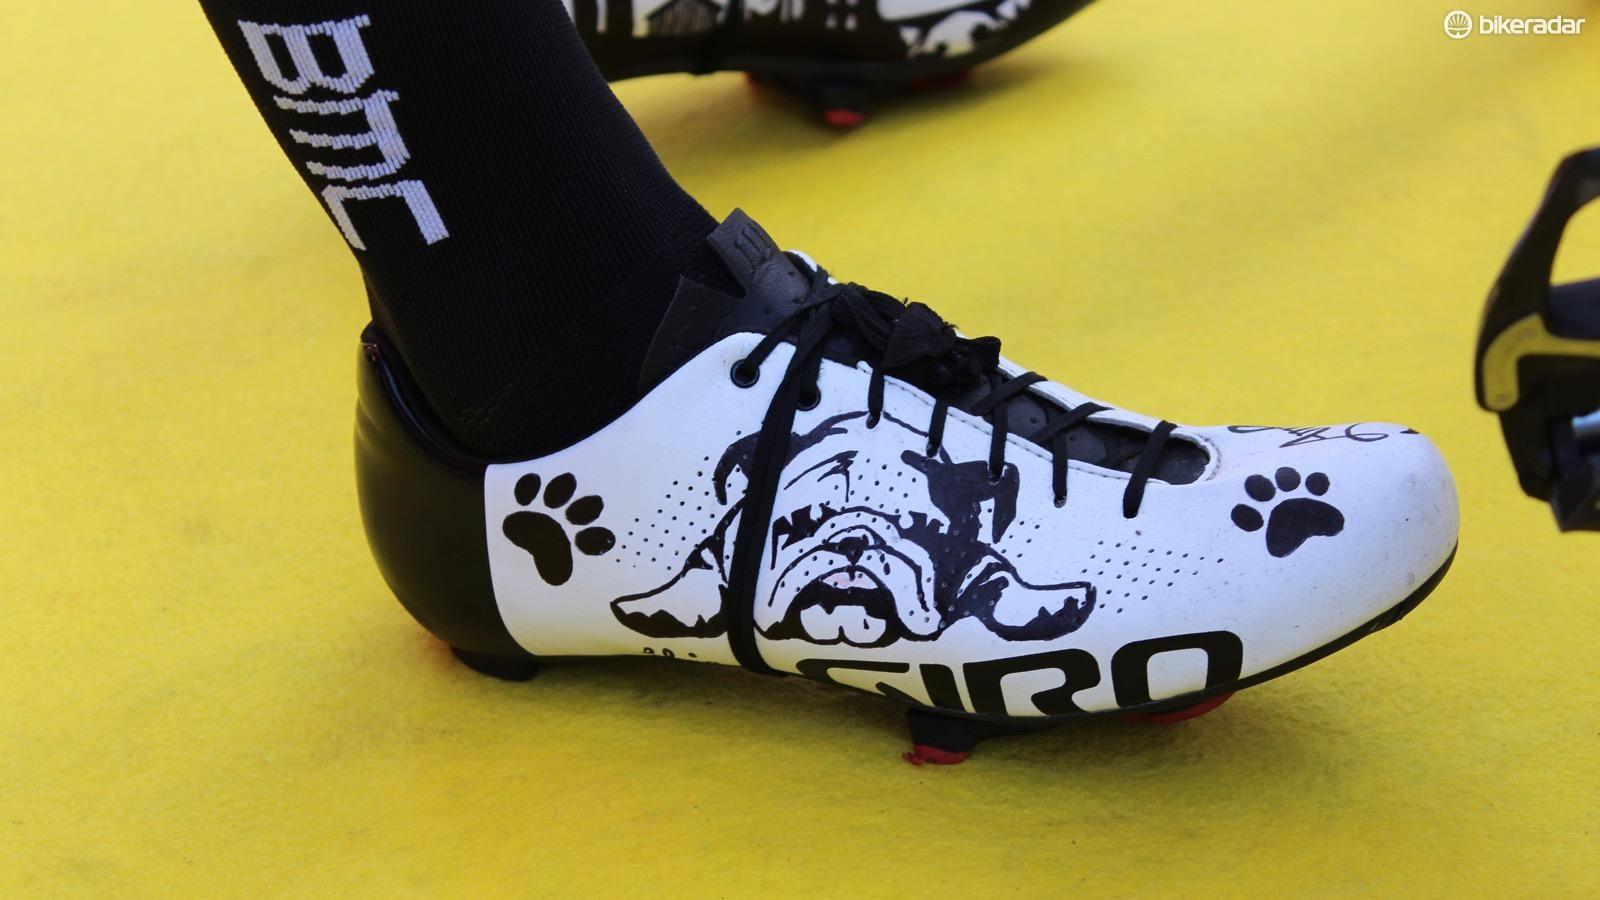 top-5-pro-shoes-4-1494382594727-10n2y3fsugjb7-b1f46d8